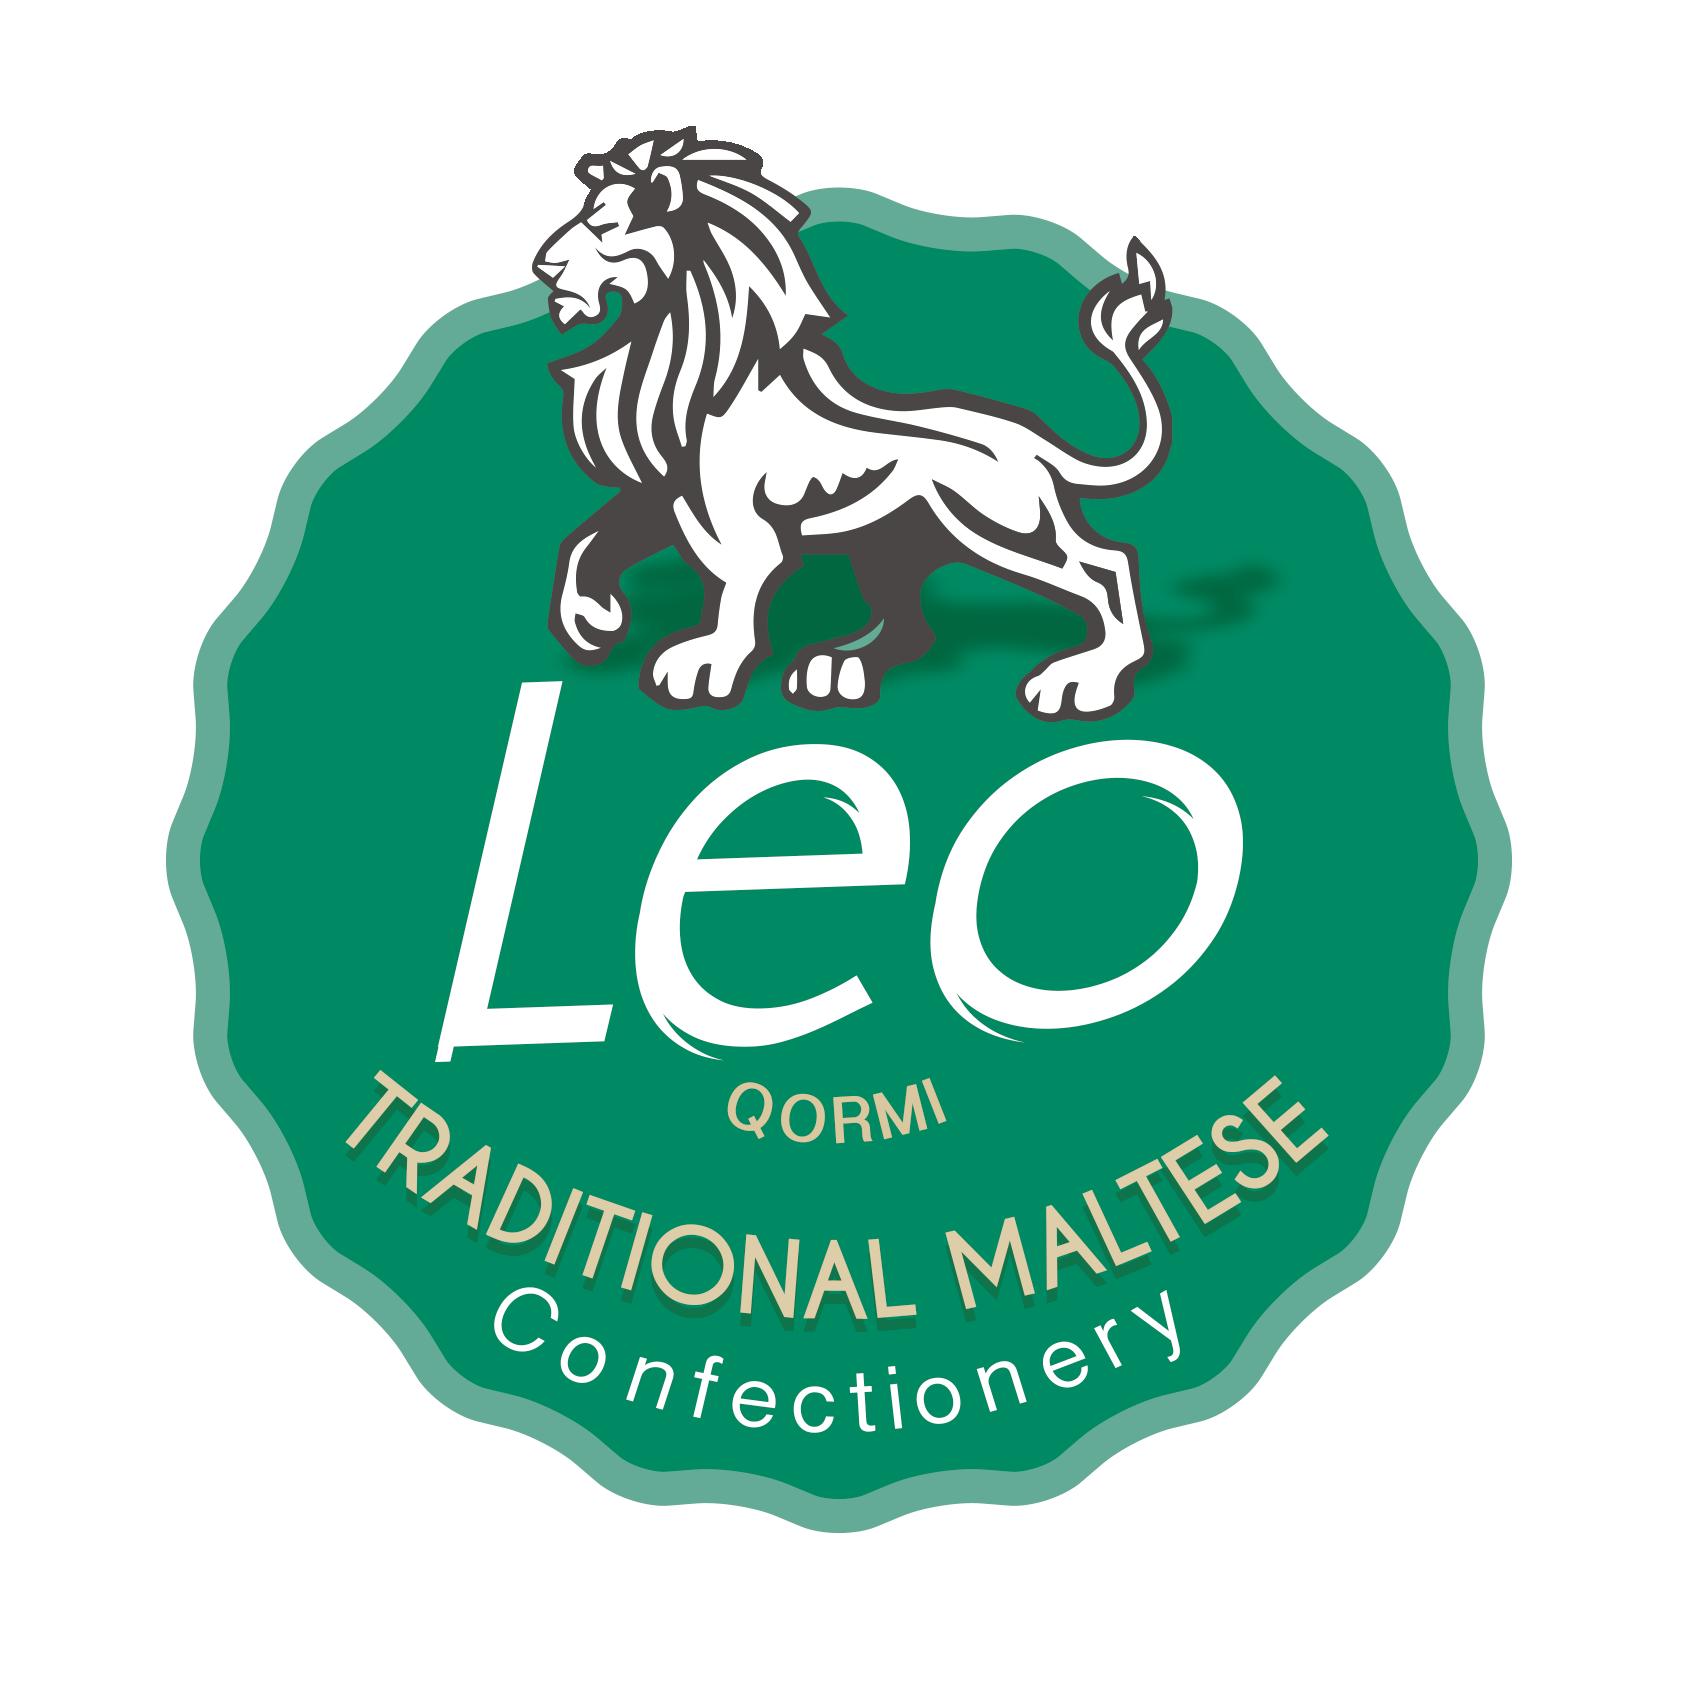 Leo Confectionery Qormi